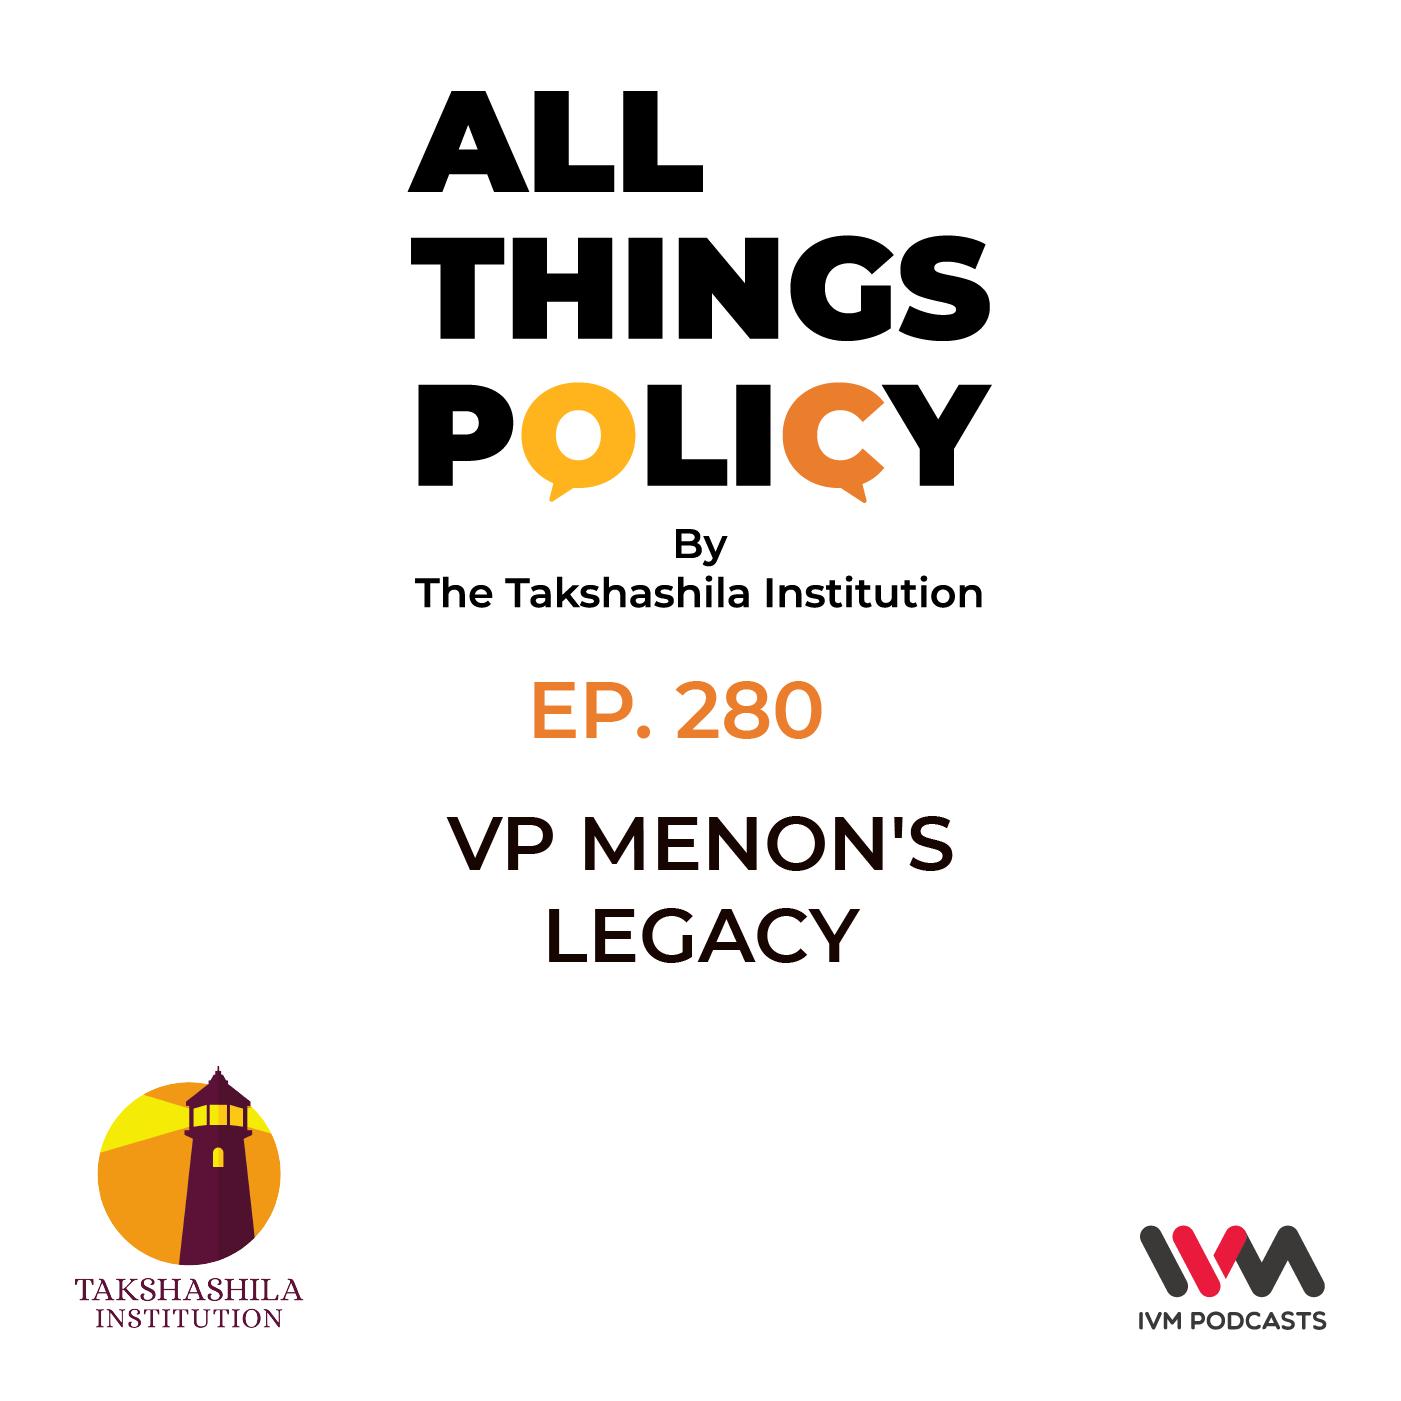 Ep. 280: VP Menon's Legacy